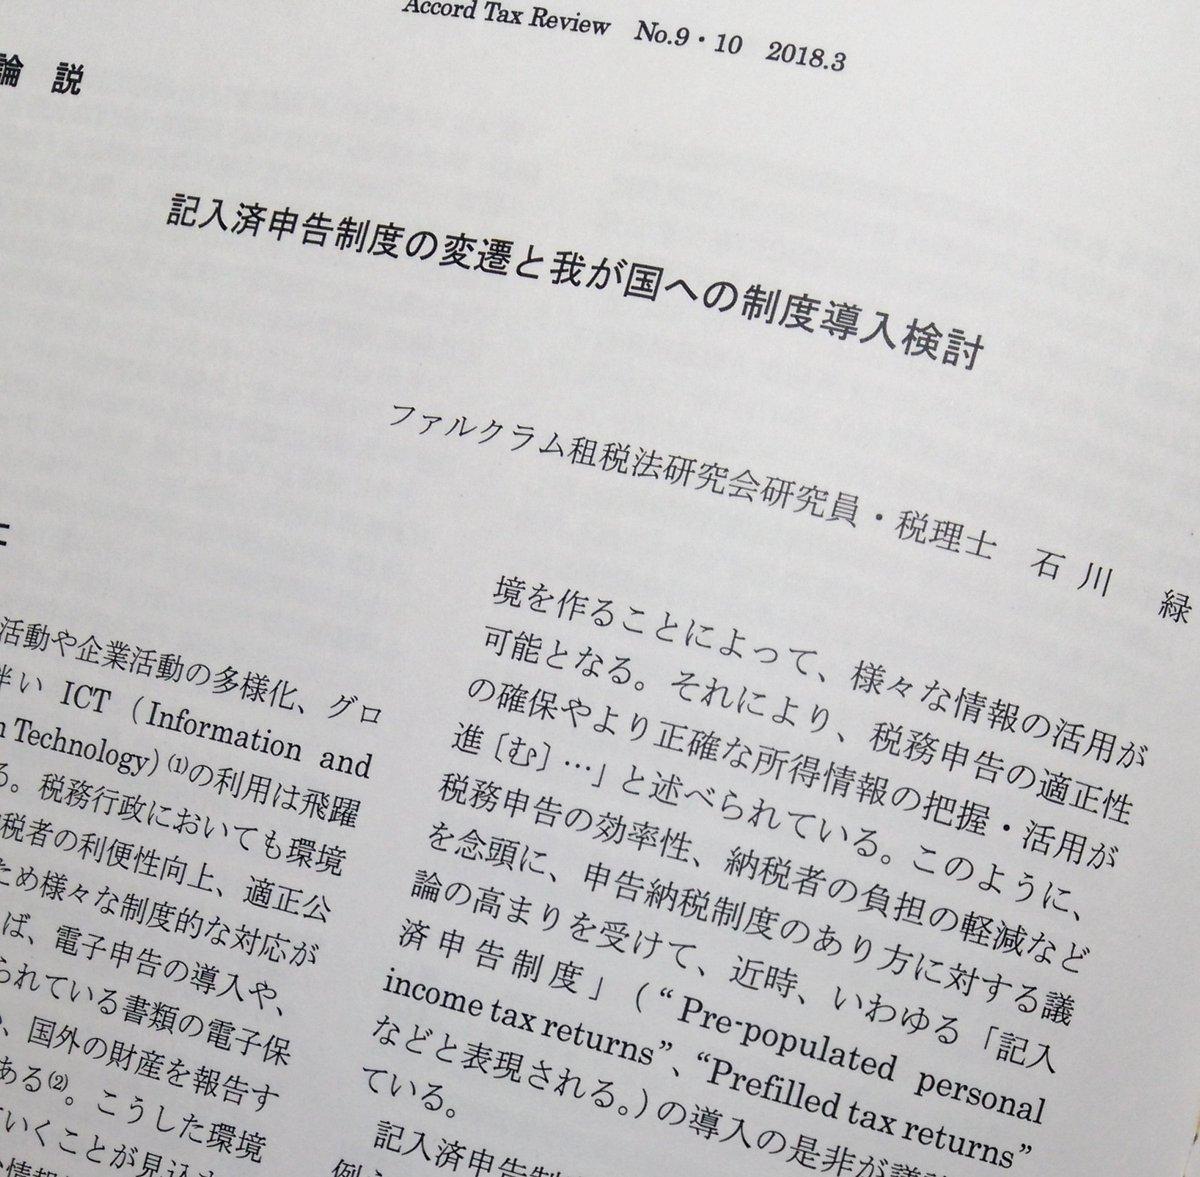 アコード租税総合研究所 on Twit...